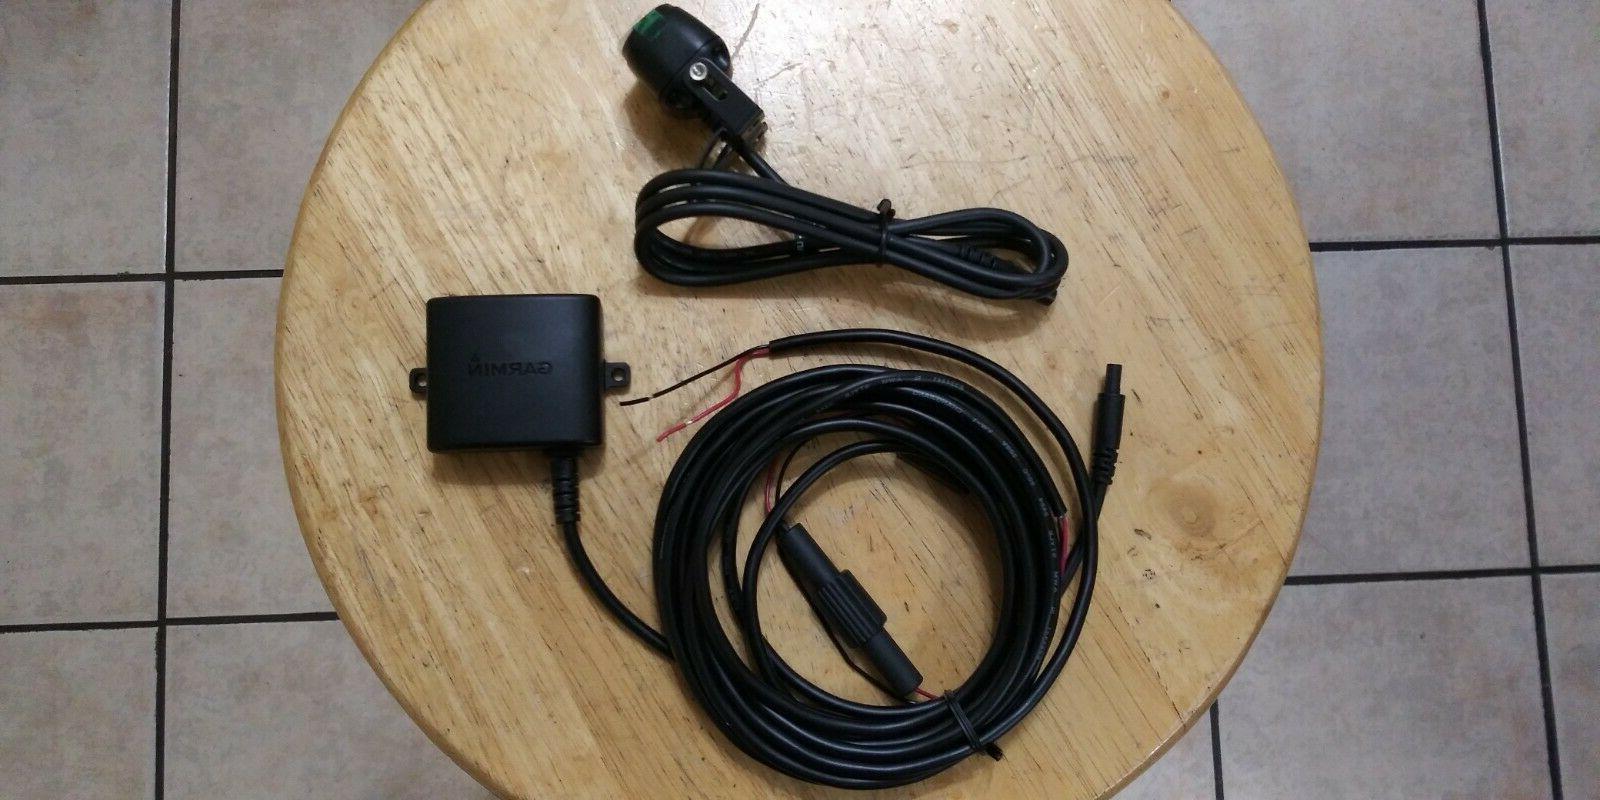 Garmin 30 backup camera transmitter